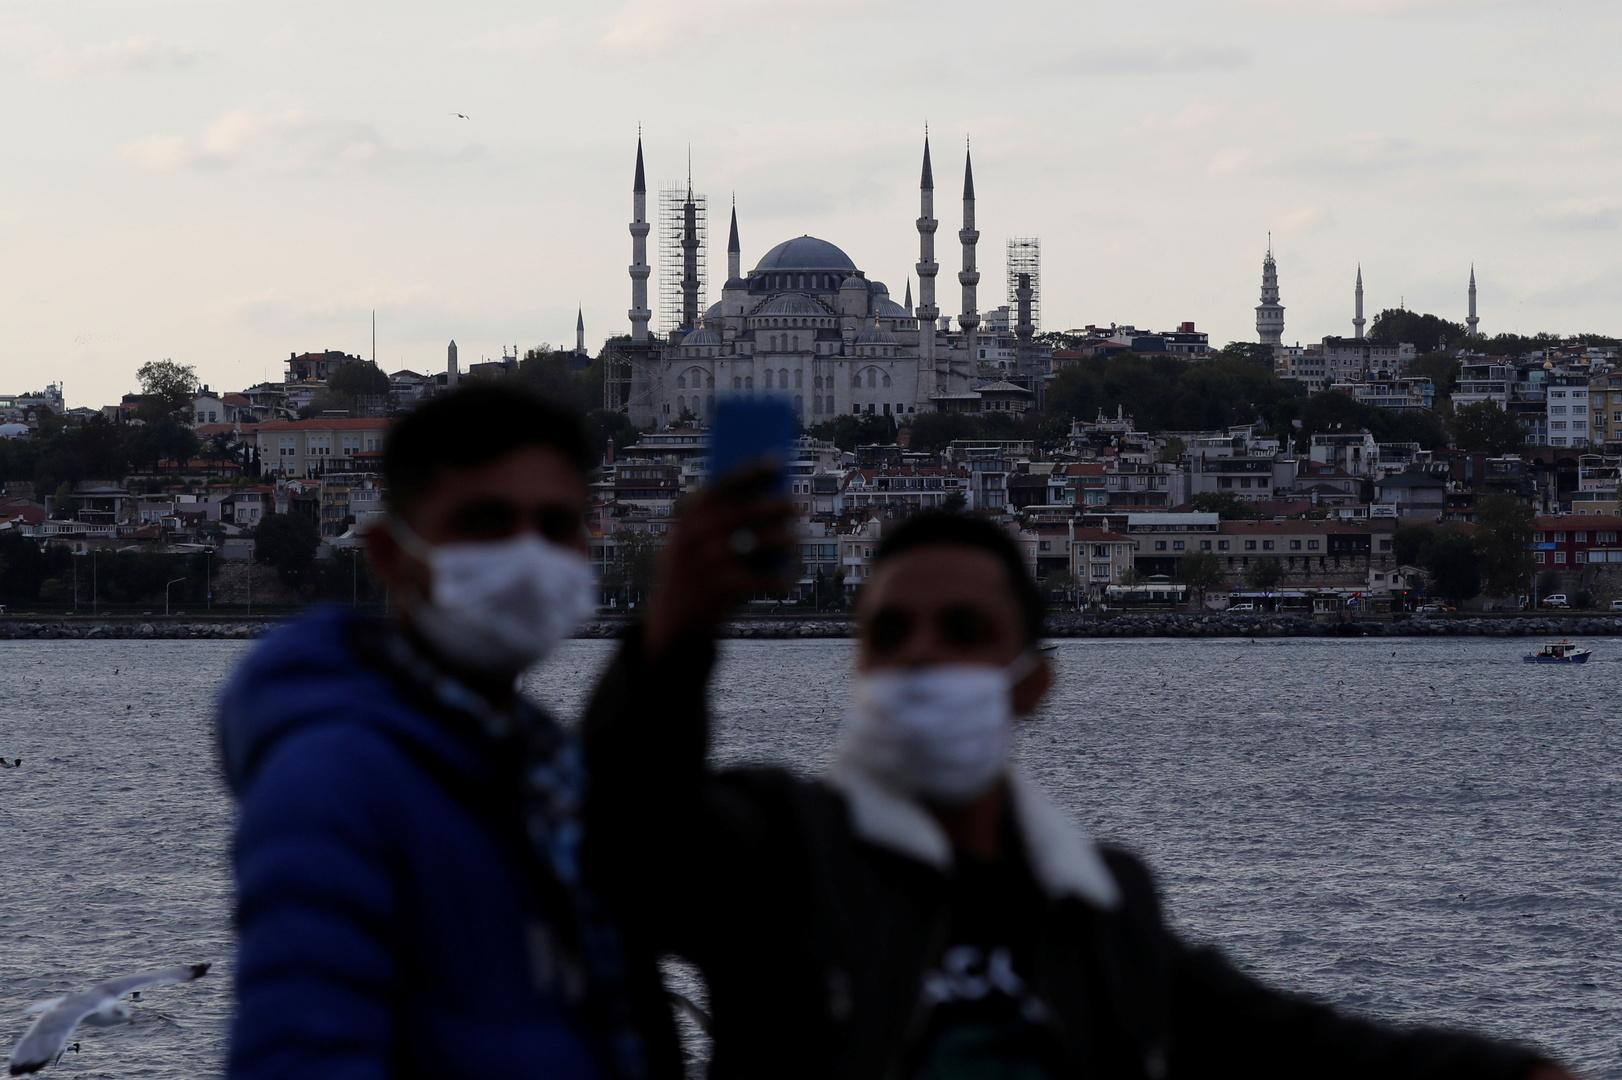 تركيا تسجل أعلى حصيلة يومية لإصابات كورونا منذ 6 مايو